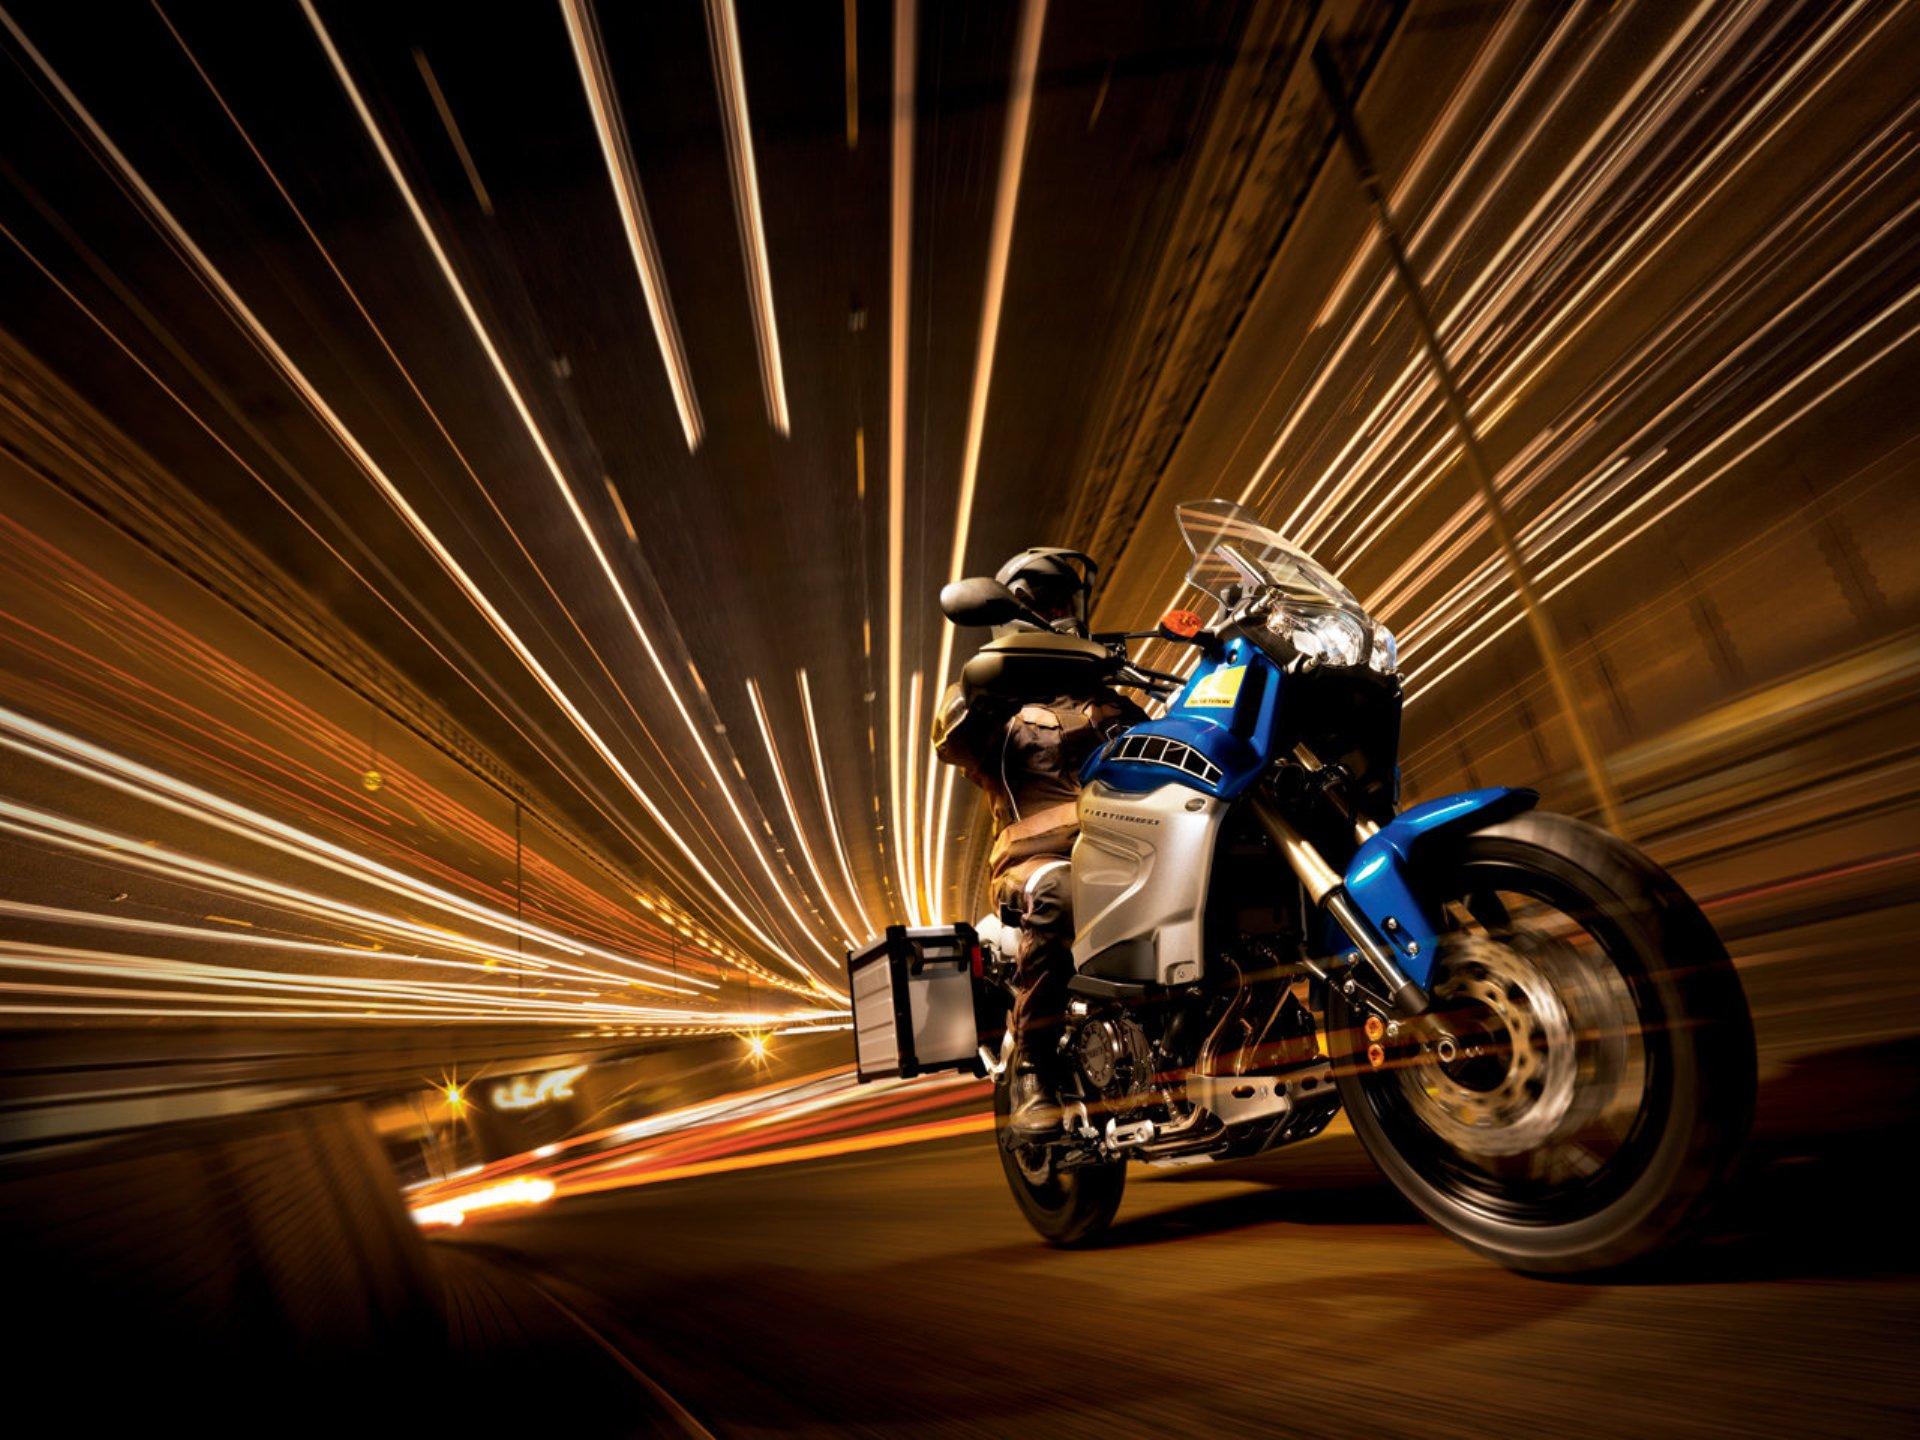 Motorcycle-desktop-wallpaper